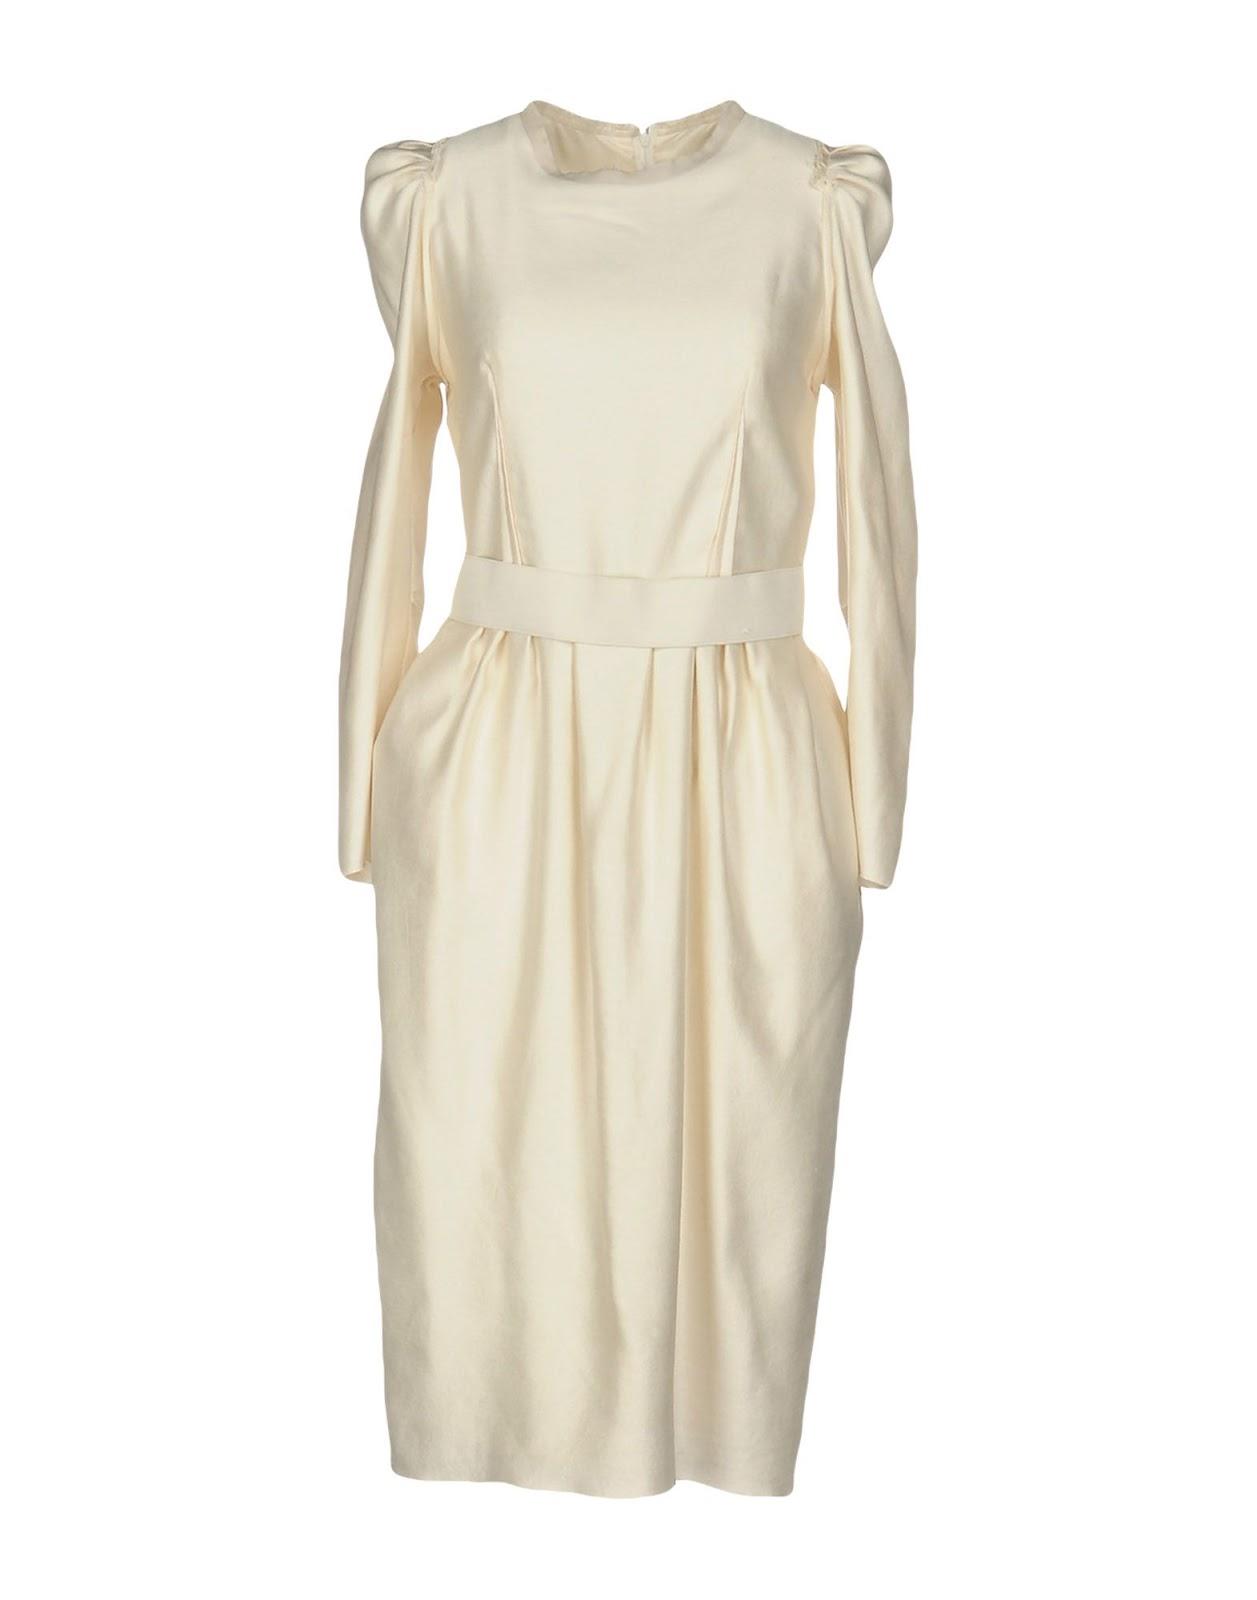 nuovo autentico grande collezione grandi affari Abiti da sposa: 30 abiti da sera firmati da indossare all ...